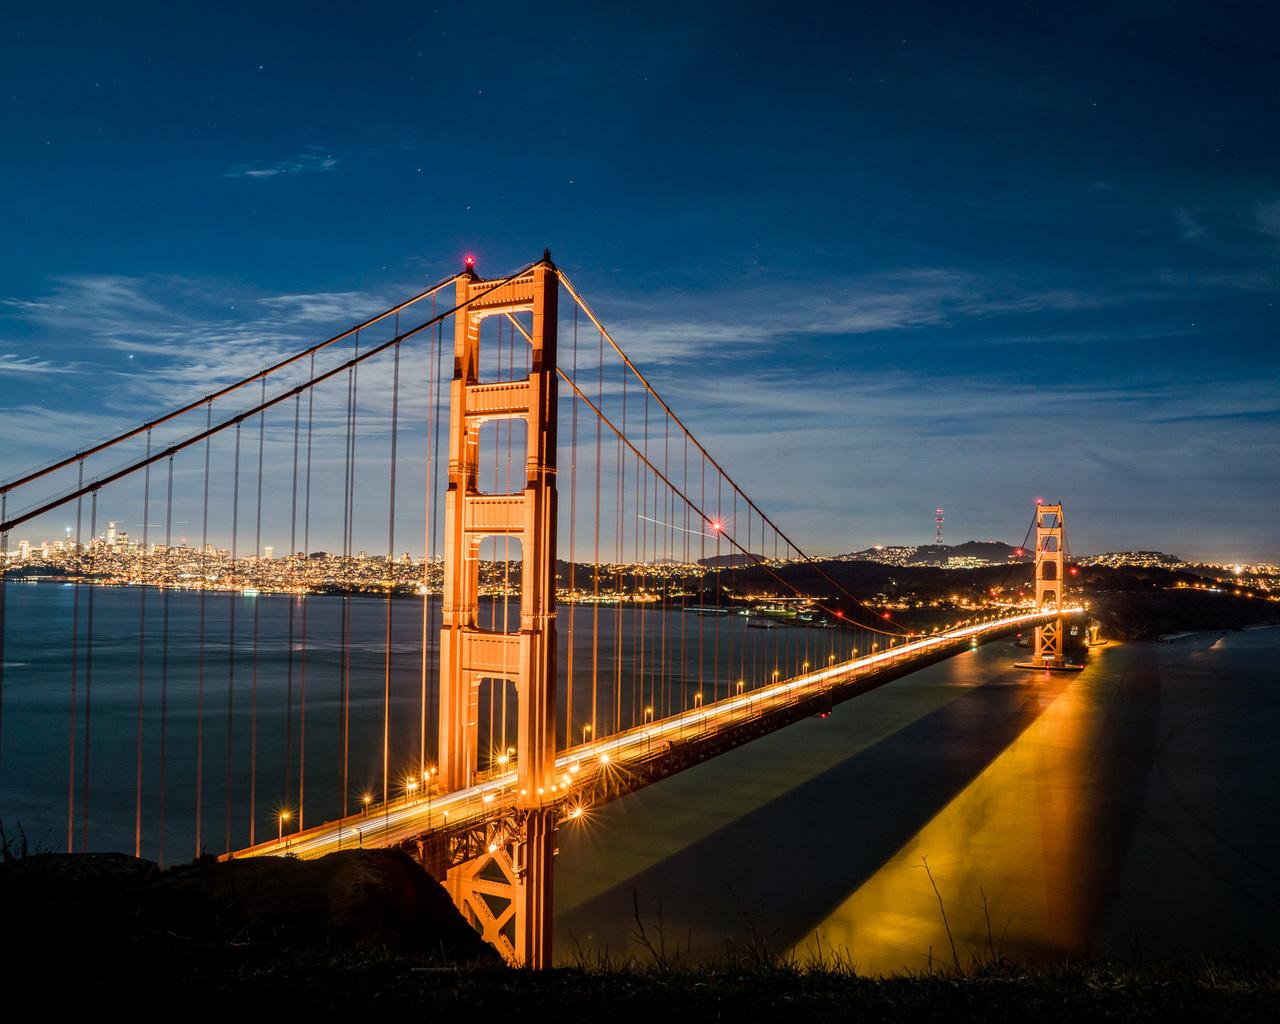 Golden Gate Bridge 1280x1024 Resolution